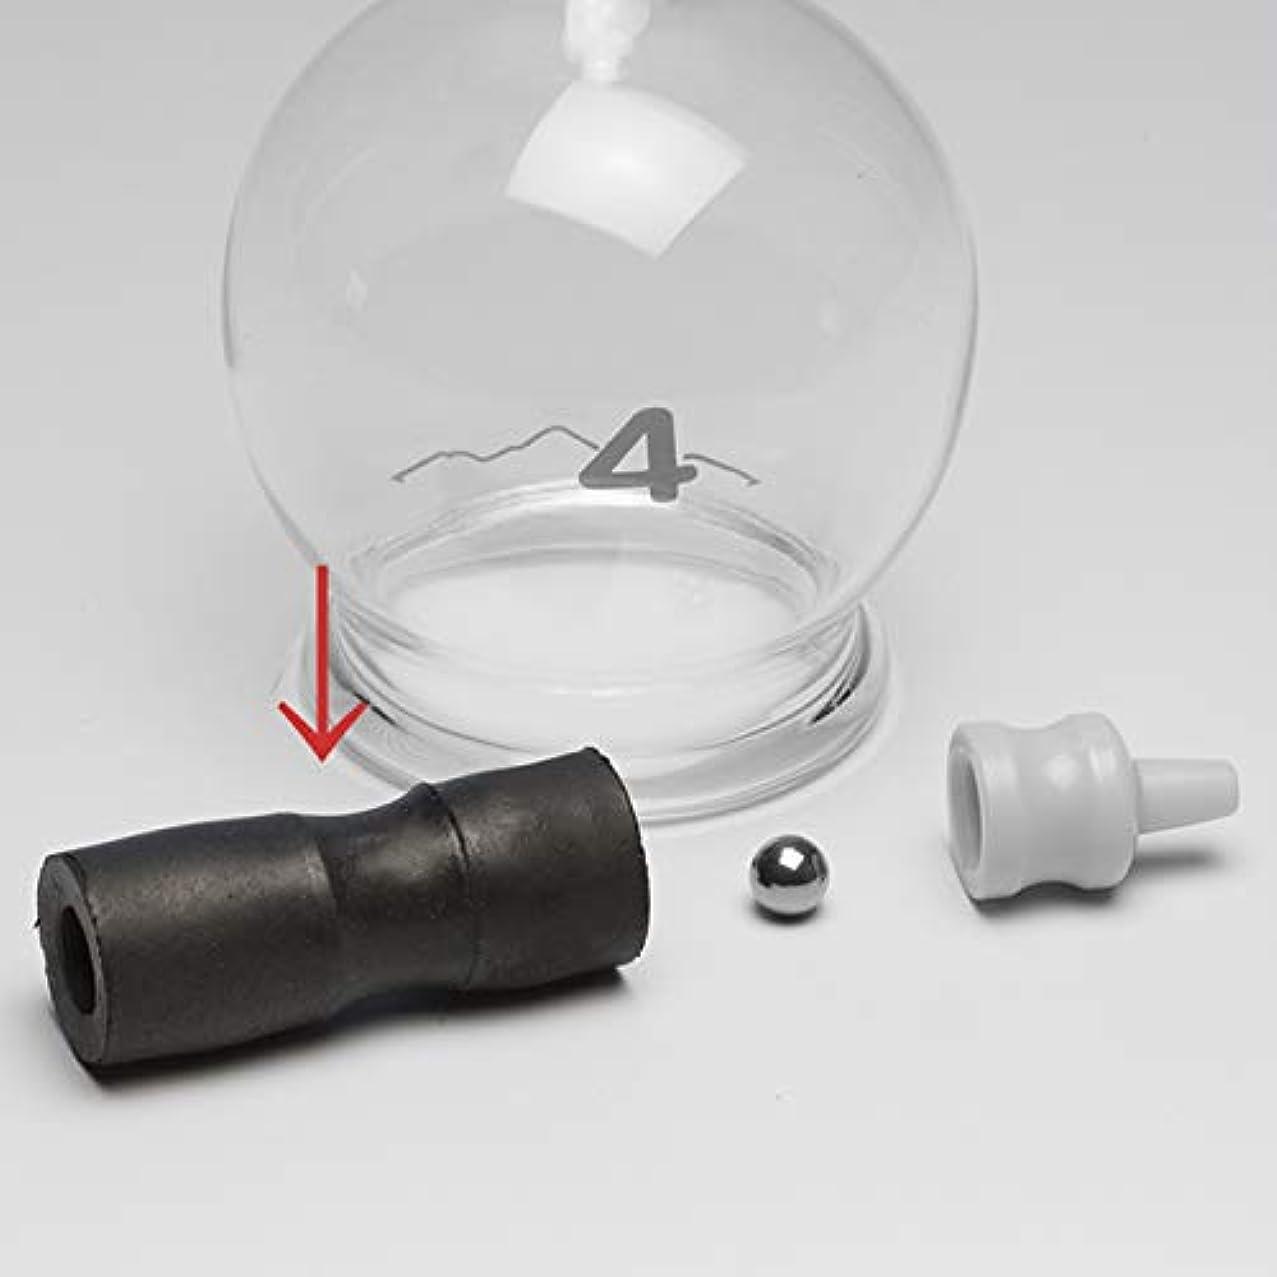 美しいデュアル優雅な霧島ガラス玉(電動吸い玉機器用吸着具)用黒ゴム弁(ゴムのみ)|吸灸